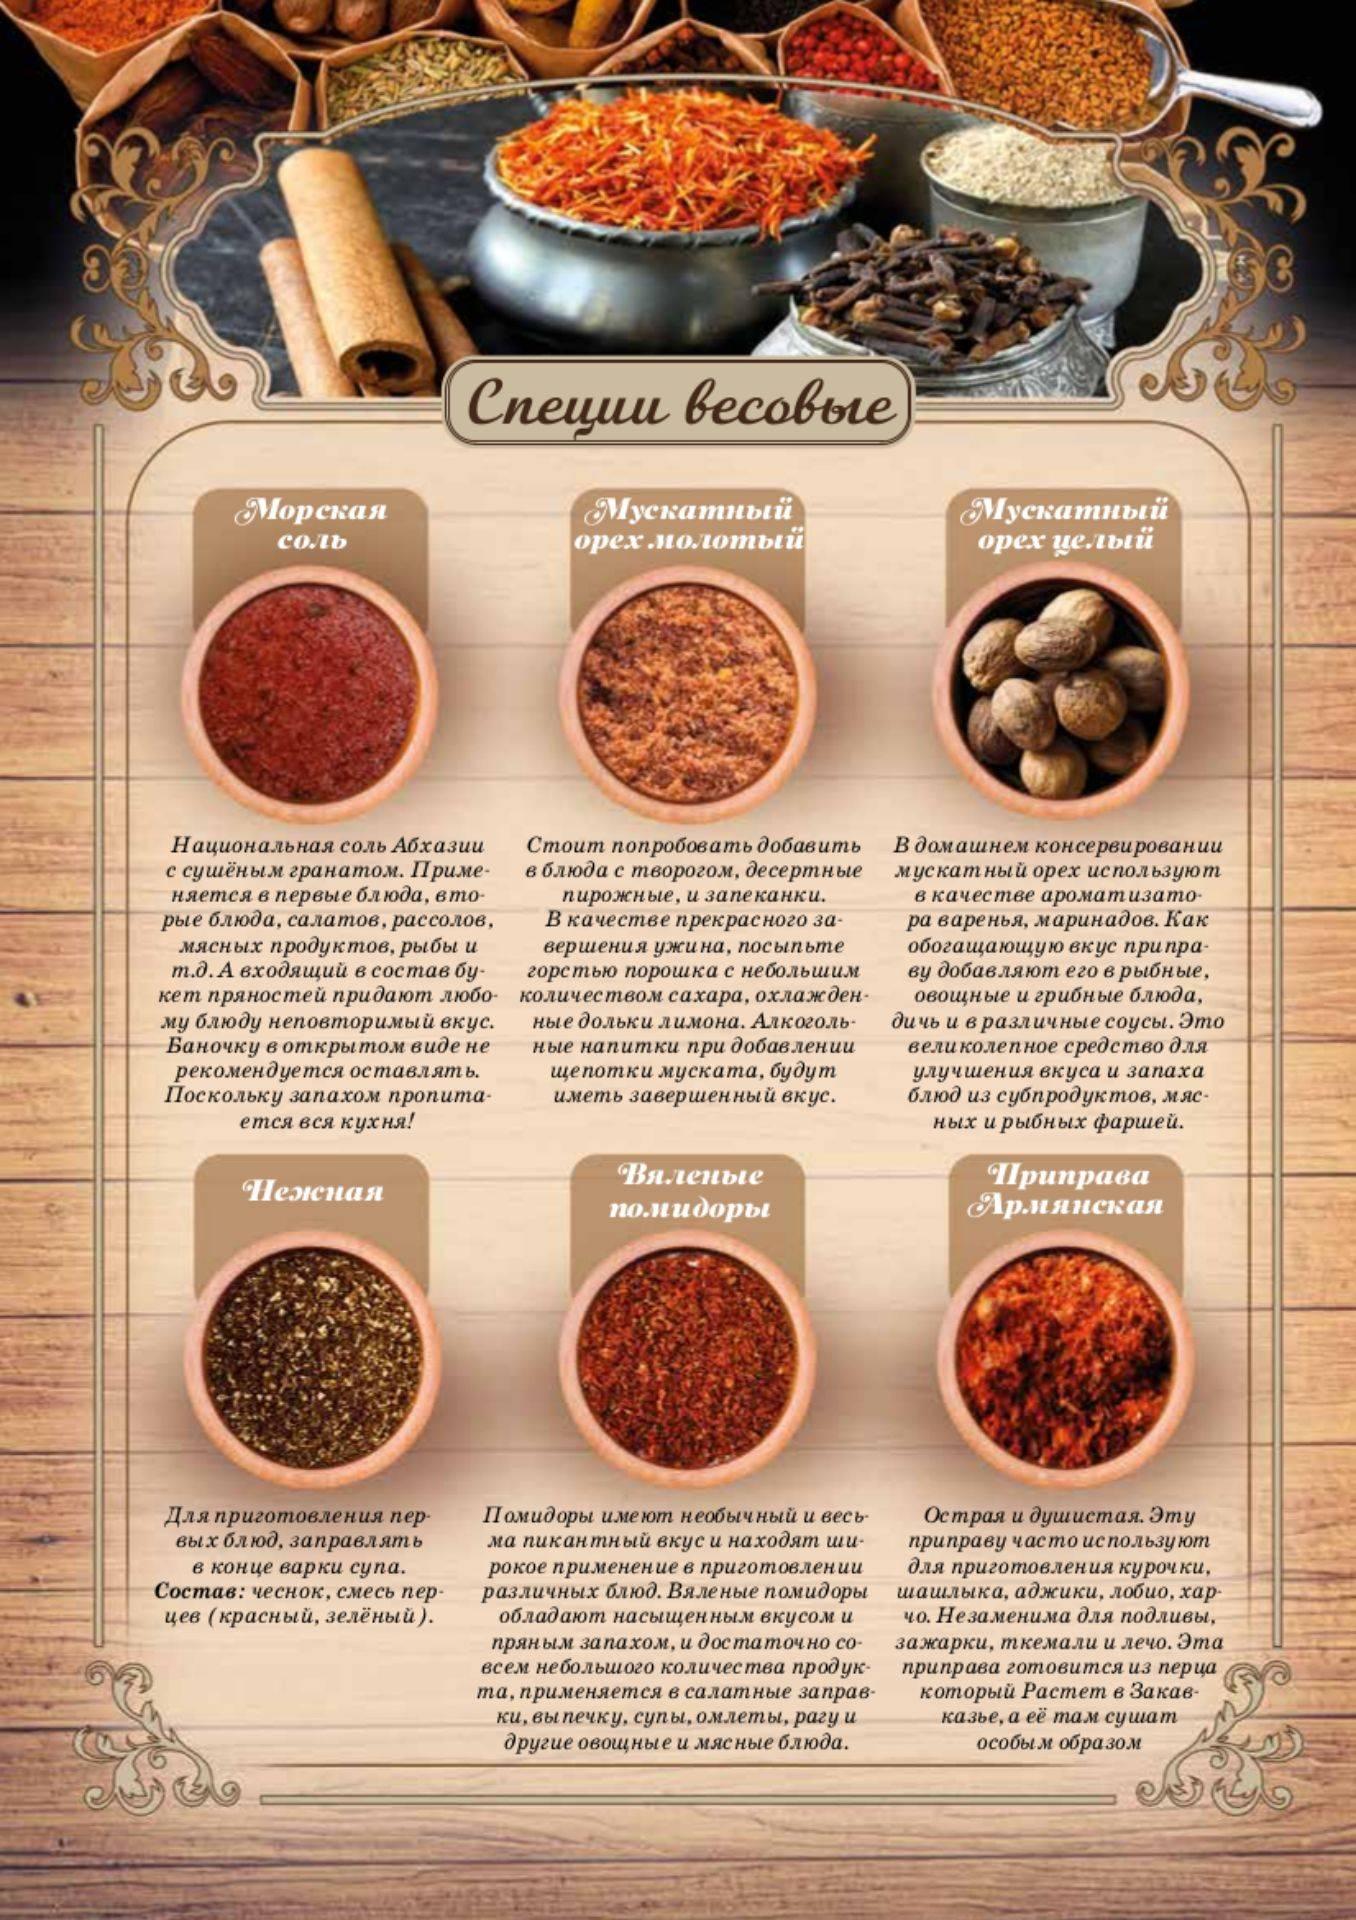 Как готовить кофе с корицей и мускатным орехом в турке